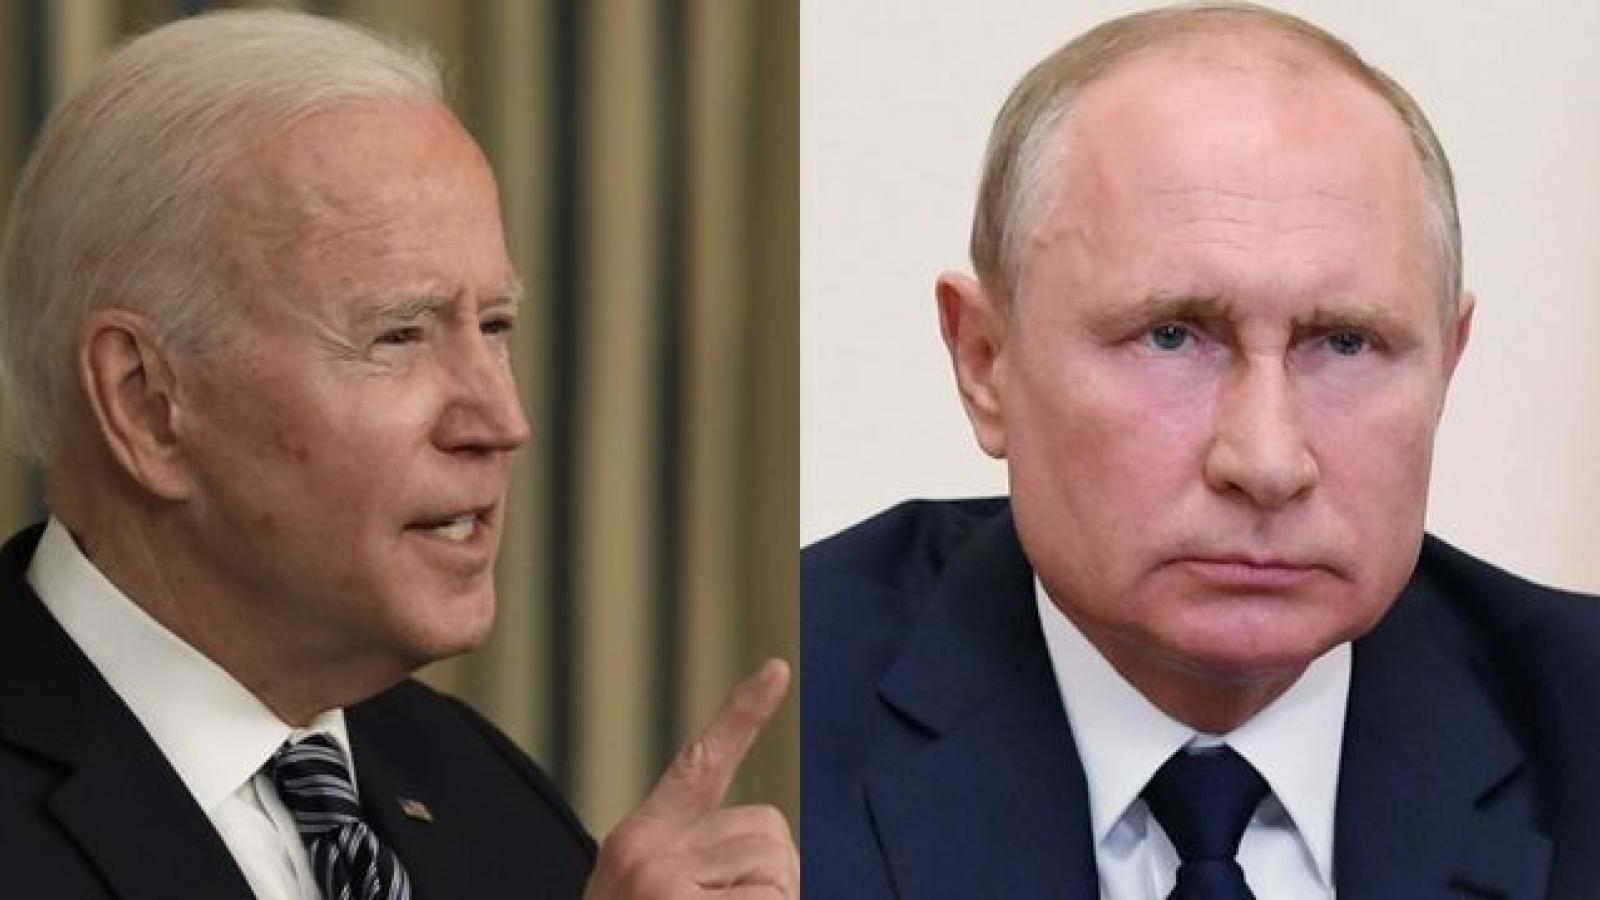 Quan hệ Mỹ-Nga đang xấu ở mức nguy hiểm cùng với các lệnh trừng phạt mới